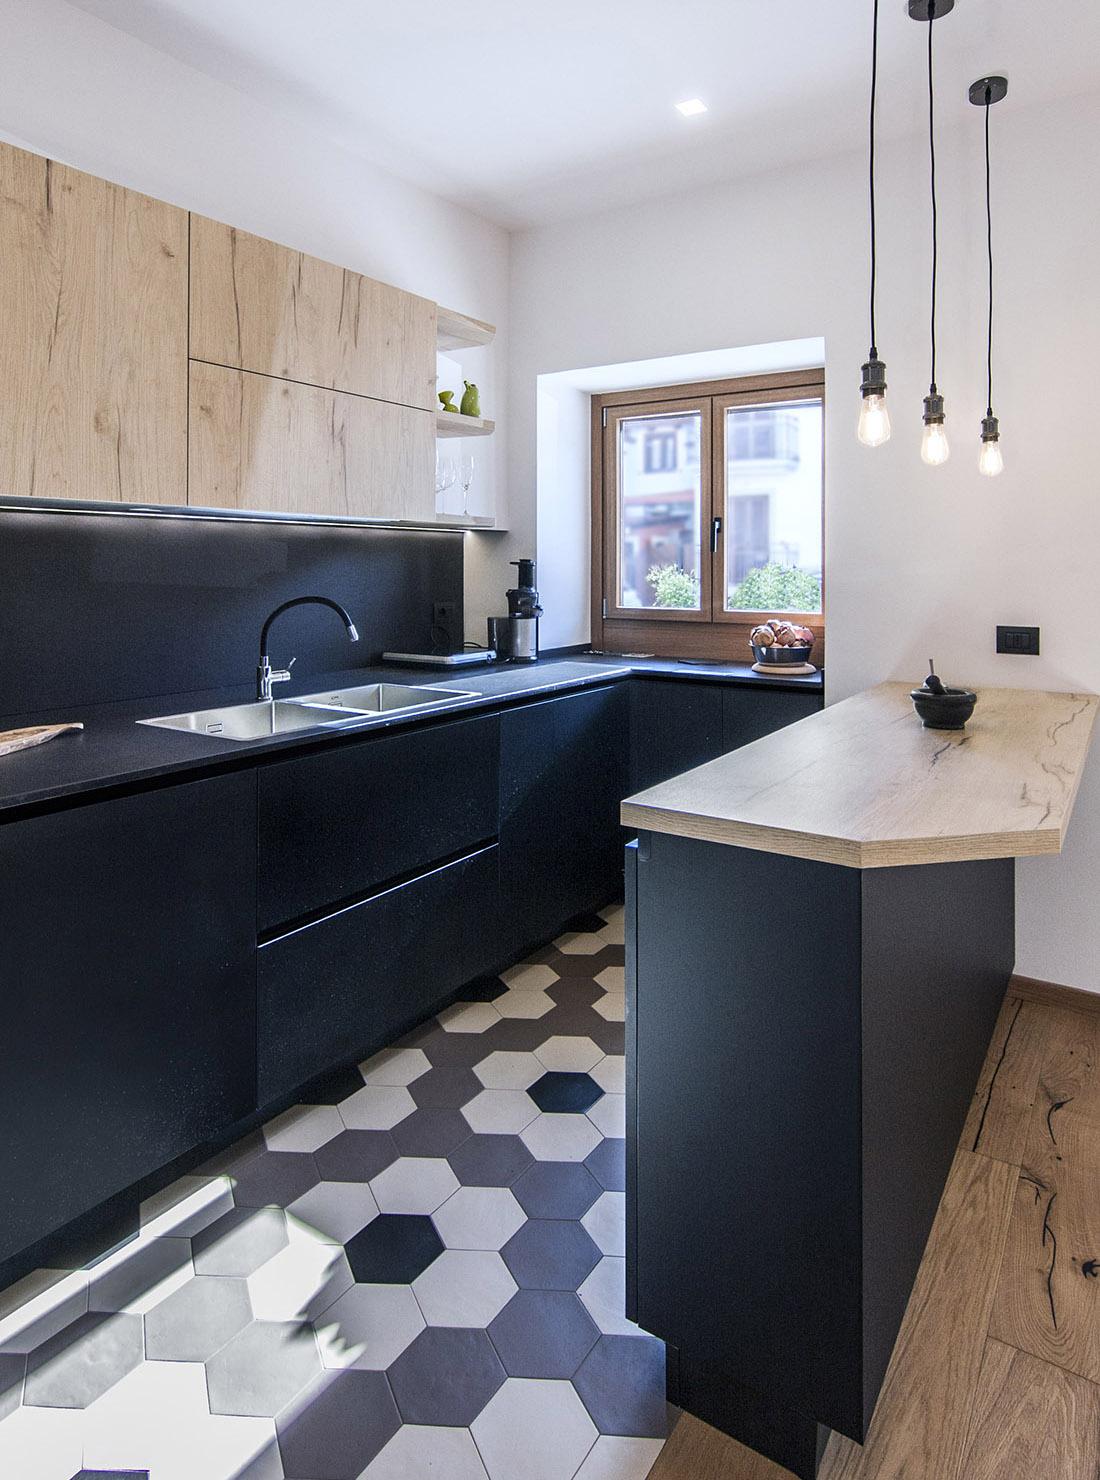 casa-tao-napoli-tufo-a-vista-recupero-moderno-pucciarelli-architetti-cucina2